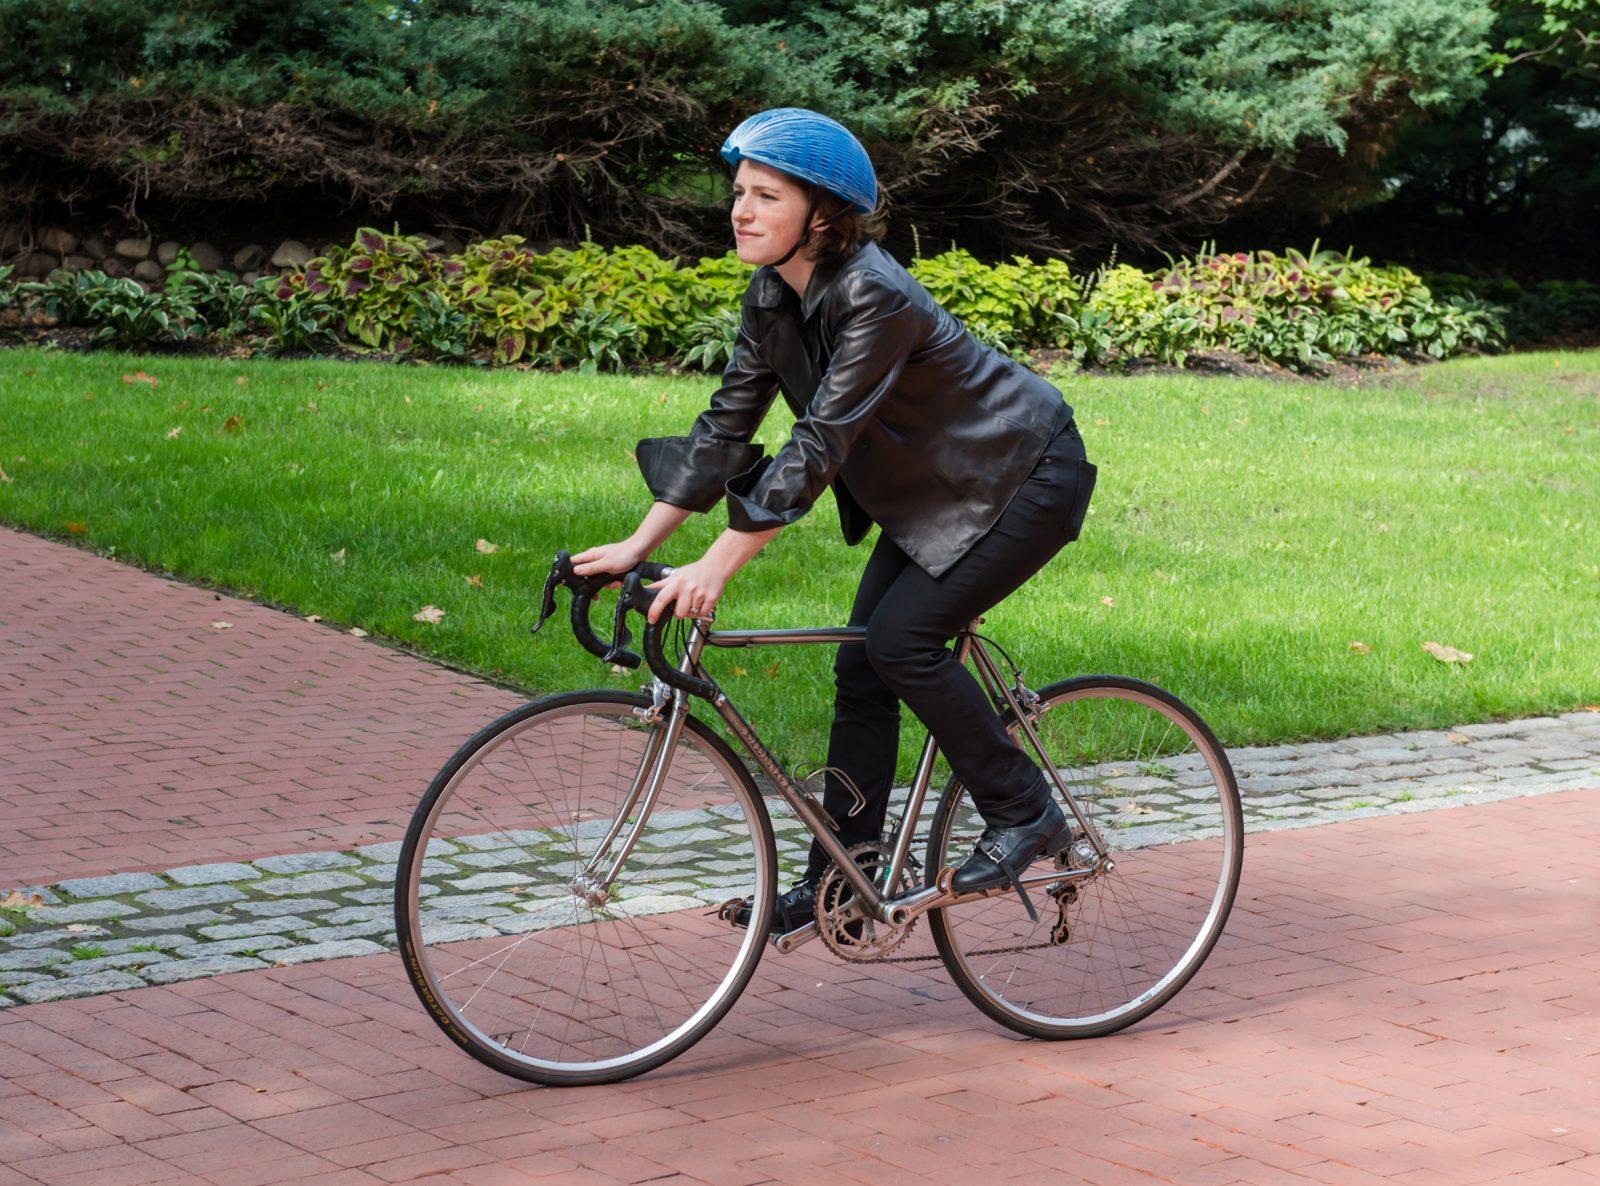 kask-rowerowy-z-recyklingu